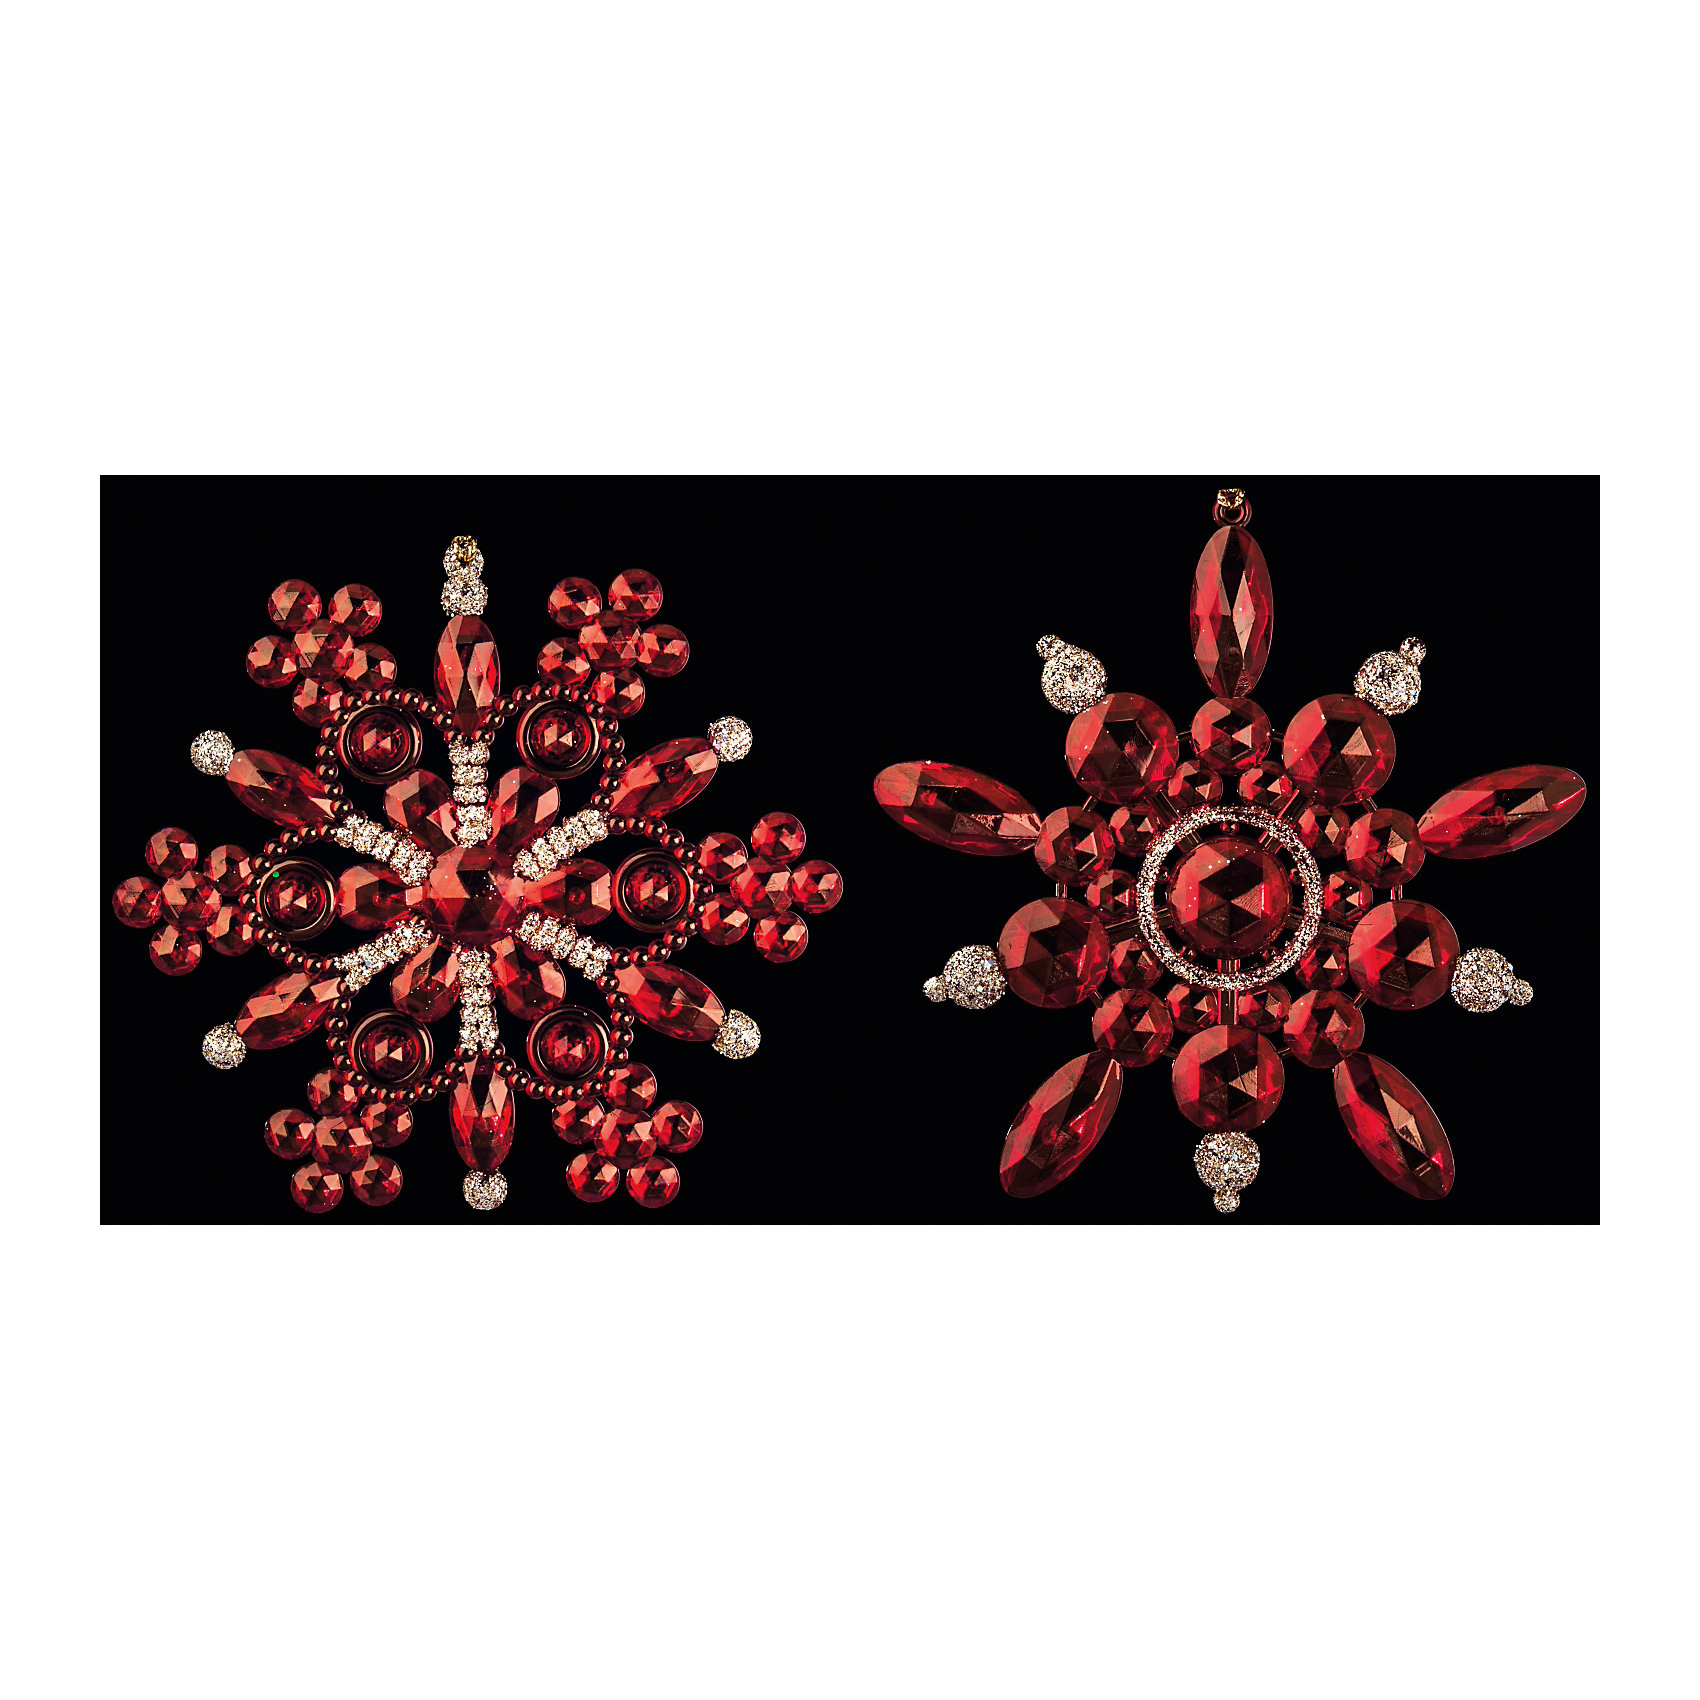 Украшение Снежинка-бусинка в ассортиментеОригинальное Украшение Снежинка-бусинка в ассортименте в виде снежинки красного цвета и украшенное бусинами позволит Вашей елочке выглядеть по-настоящему стильно и волшебно. Кроме того, это украшение – отличный сувенир для Ваших близких и друзей к новогоднему празднику! <br><br>Дополнительная информация:<br>-Материалы: пластик<br>-Размер в упаковке: 12,5х1х12,5 см<br>-Вес в упаковке: 40 г<br>-Размер: 12 см<br>-В ассортименте: 2 дизайна (Внимание! Заранее выбрать невозможно, при заказе нескольких возможно получение одинаковых)<br><br>Украшение Снежинка-бусинка в ассортименте можно купить в нашем магазине.<br><br>Ширина мм: 125<br>Глубина мм: 10<br>Высота мм: 125<br>Вес г: 40<br>Возраст от месяцев: 84<br>Возраст до месяцев: 2147483647<br>Пол: Унисекс<br>Возраст: Детский<br>SKU: 4286711